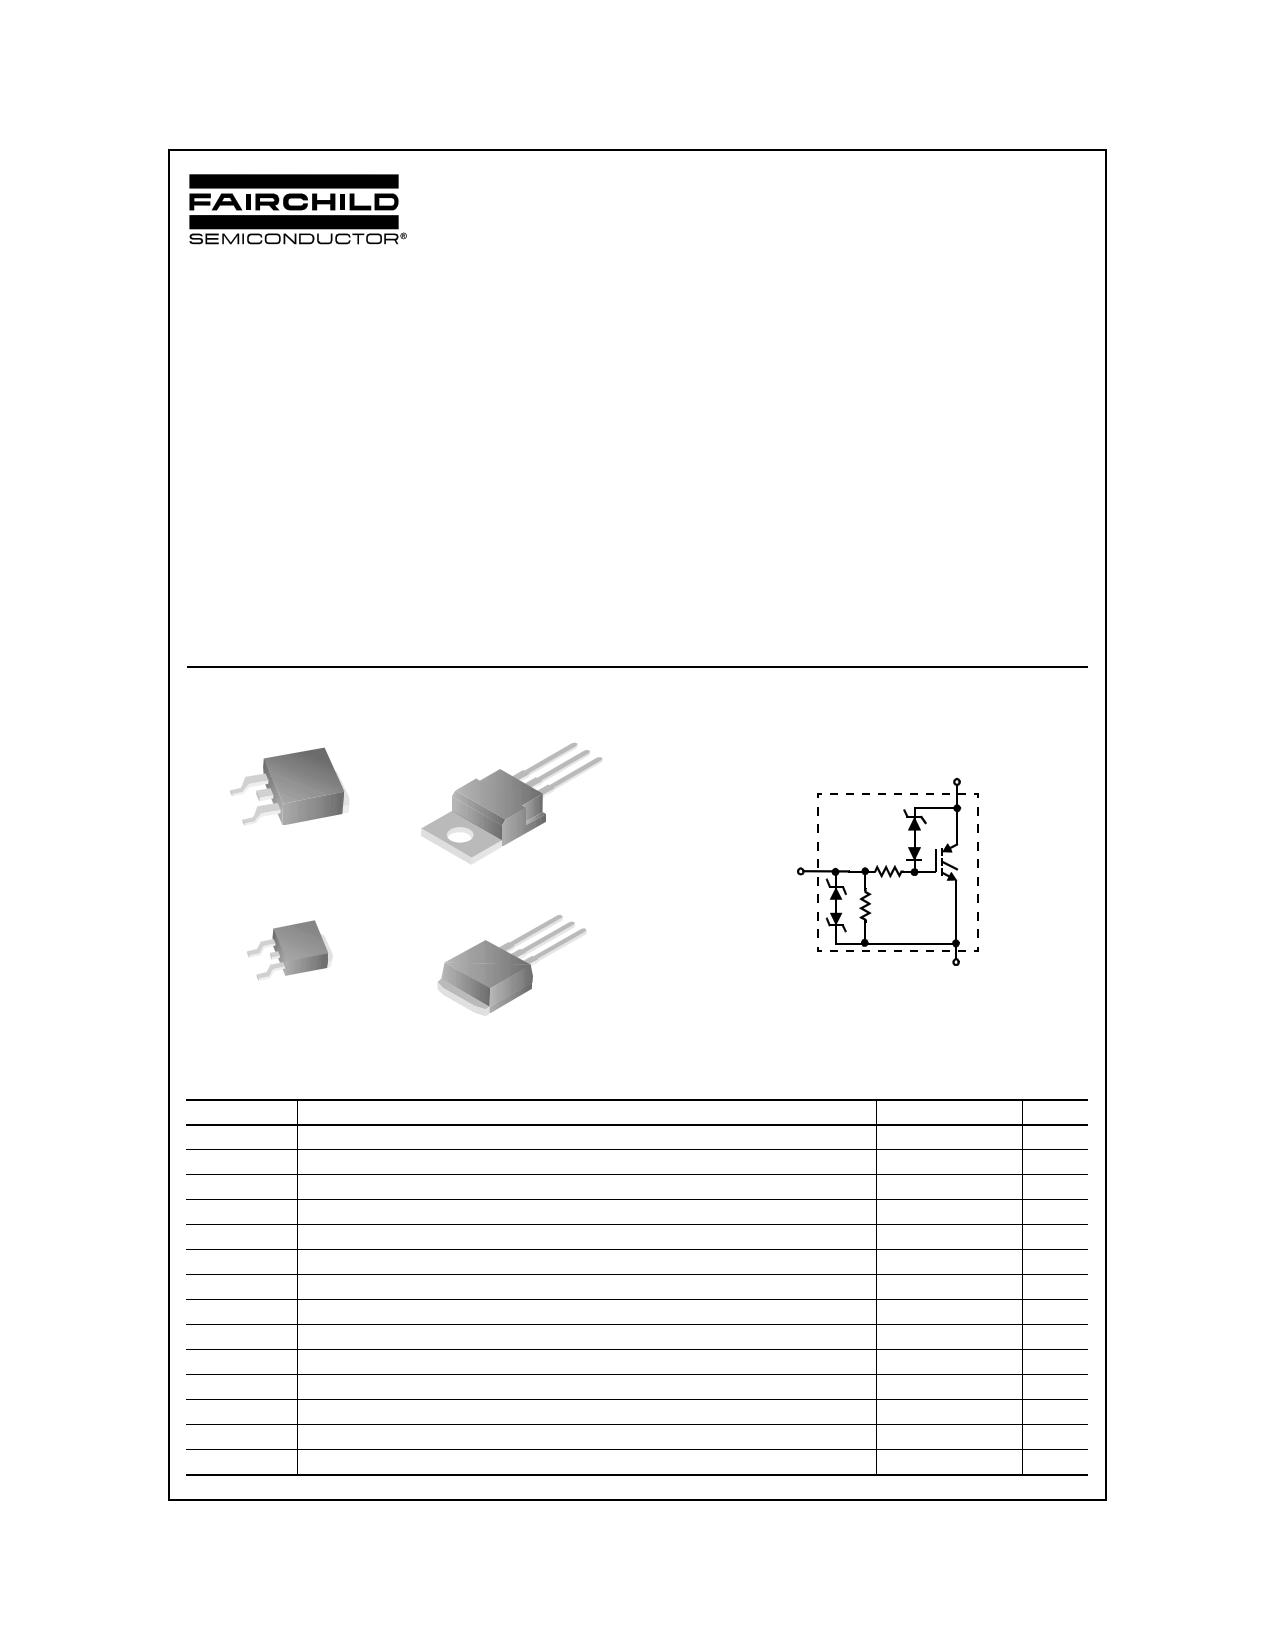 ISL9V3040D3S 데이터시트 및 ISL9V3040D3S PDF